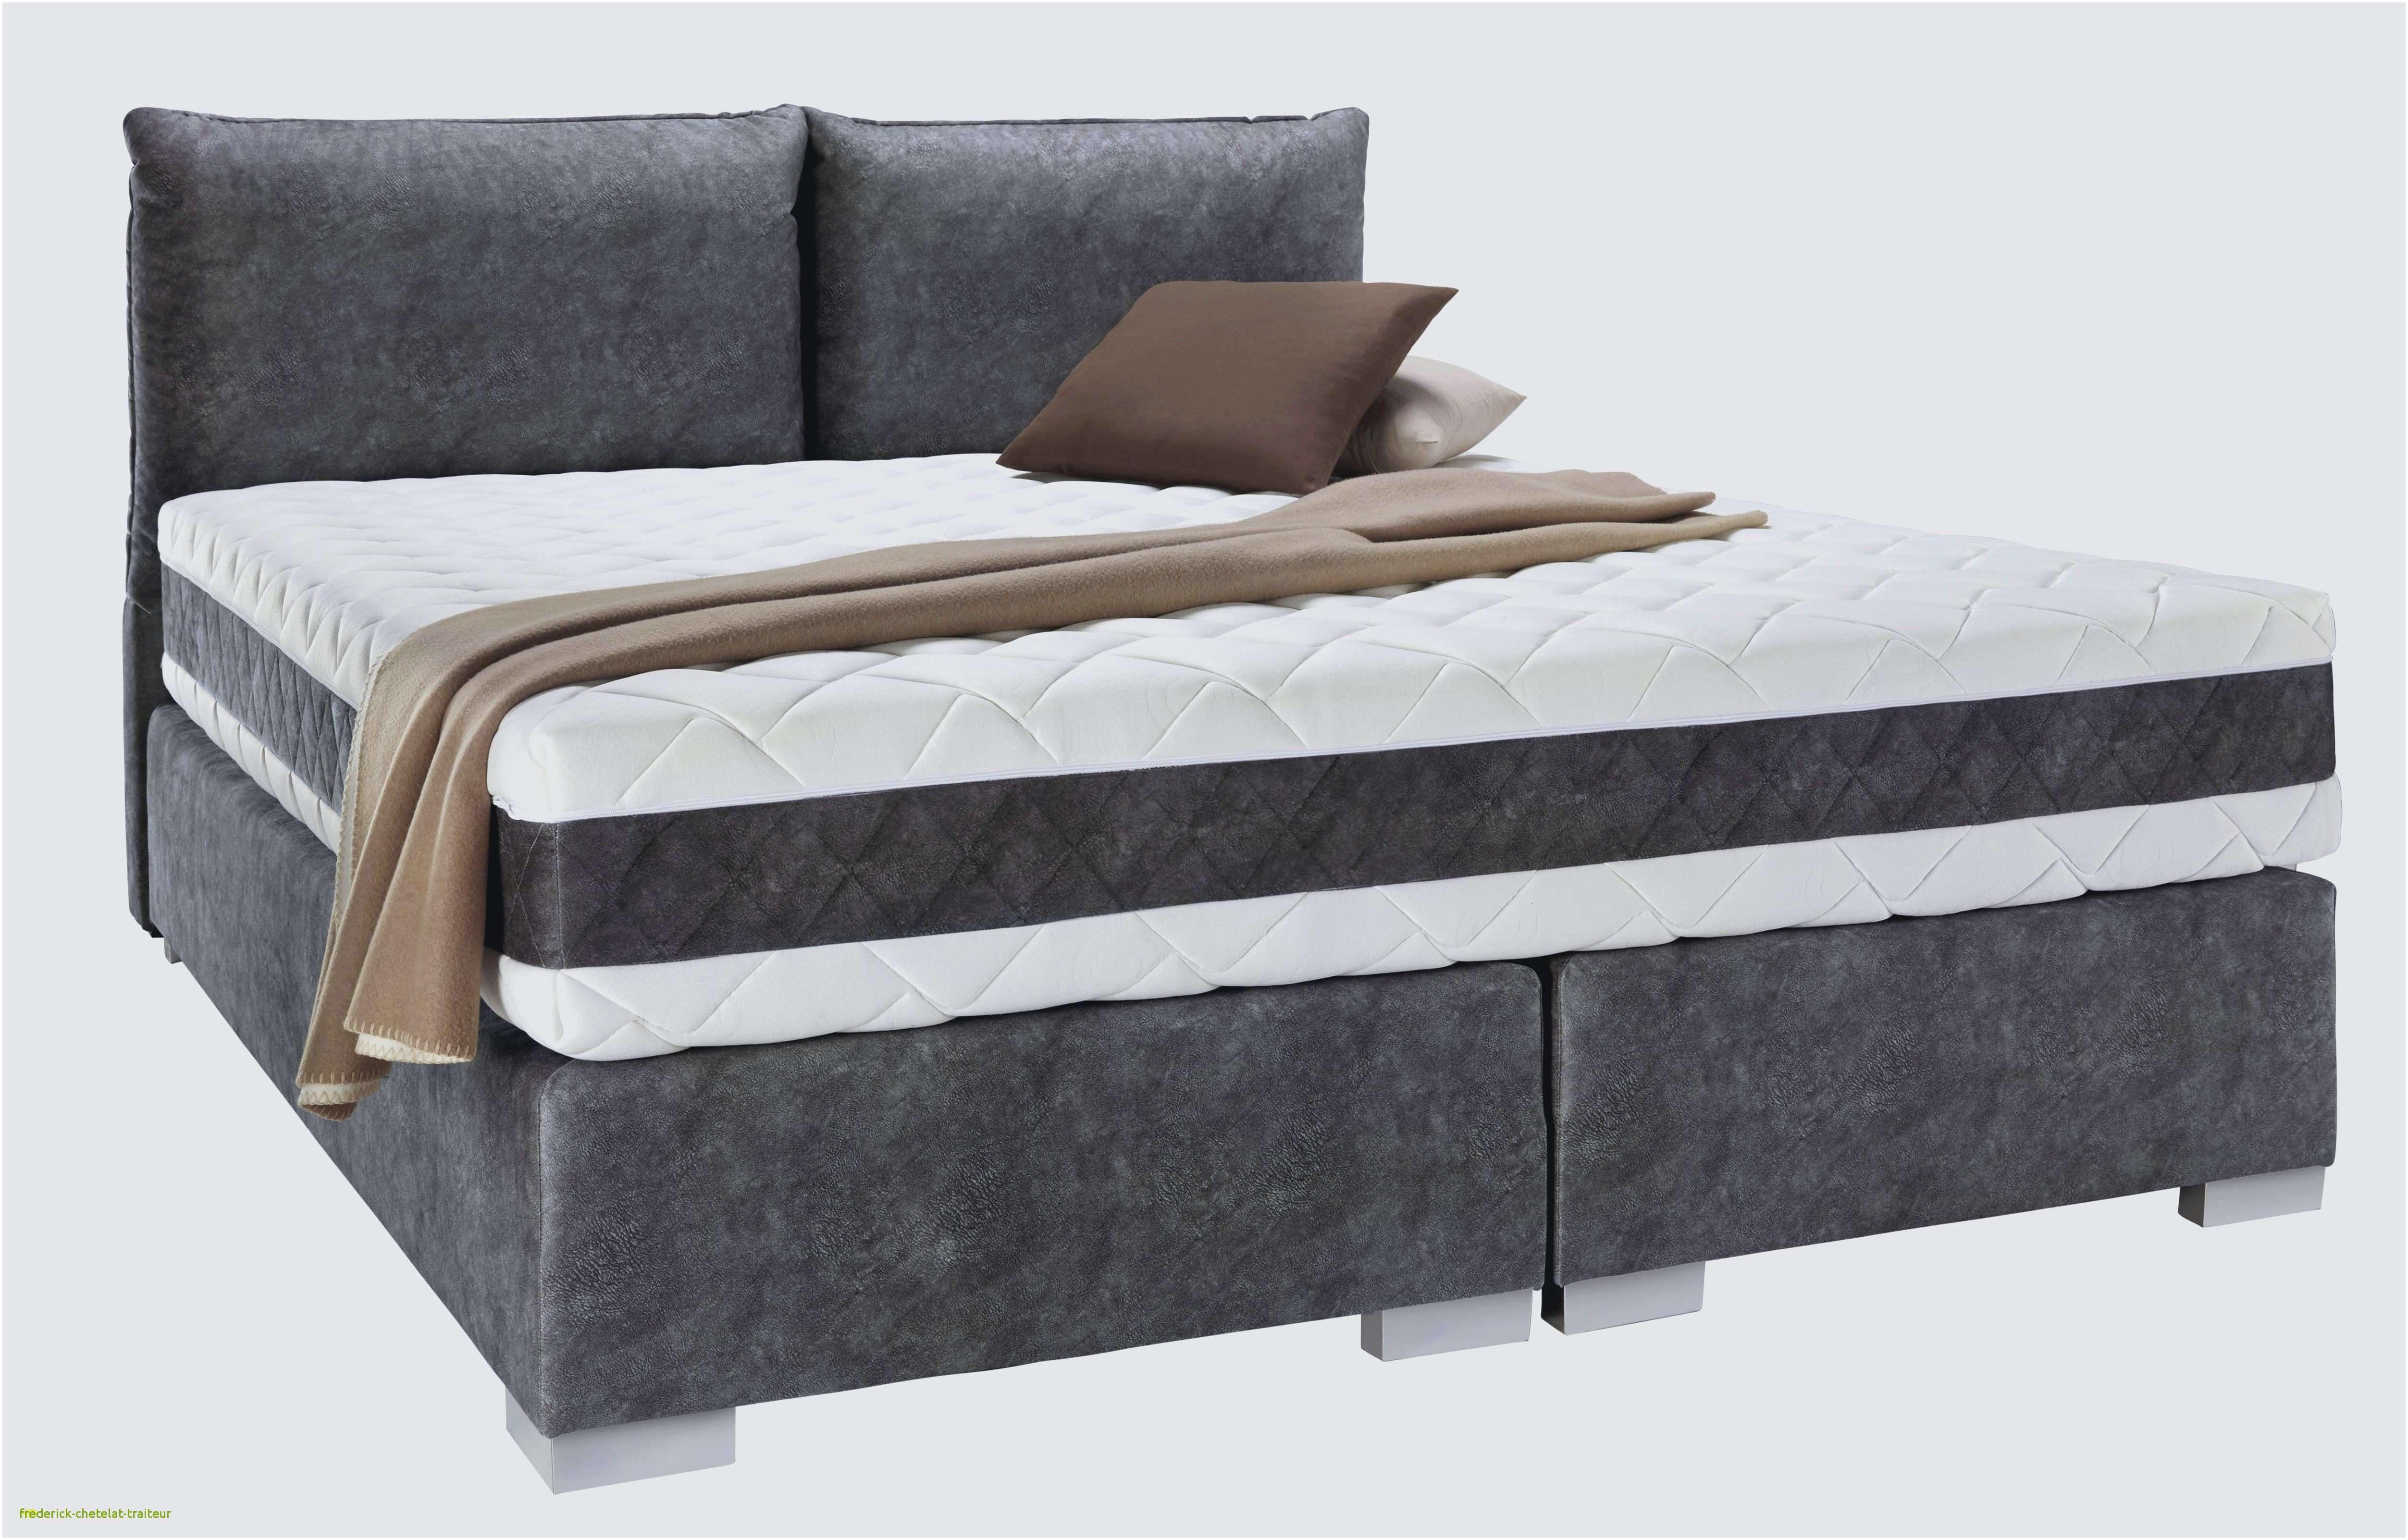 Ikea Lit Coffre Inspiré Inspiré sommier En Kit 140—190 Ikea Beau S Verin Lit Coffre Génial